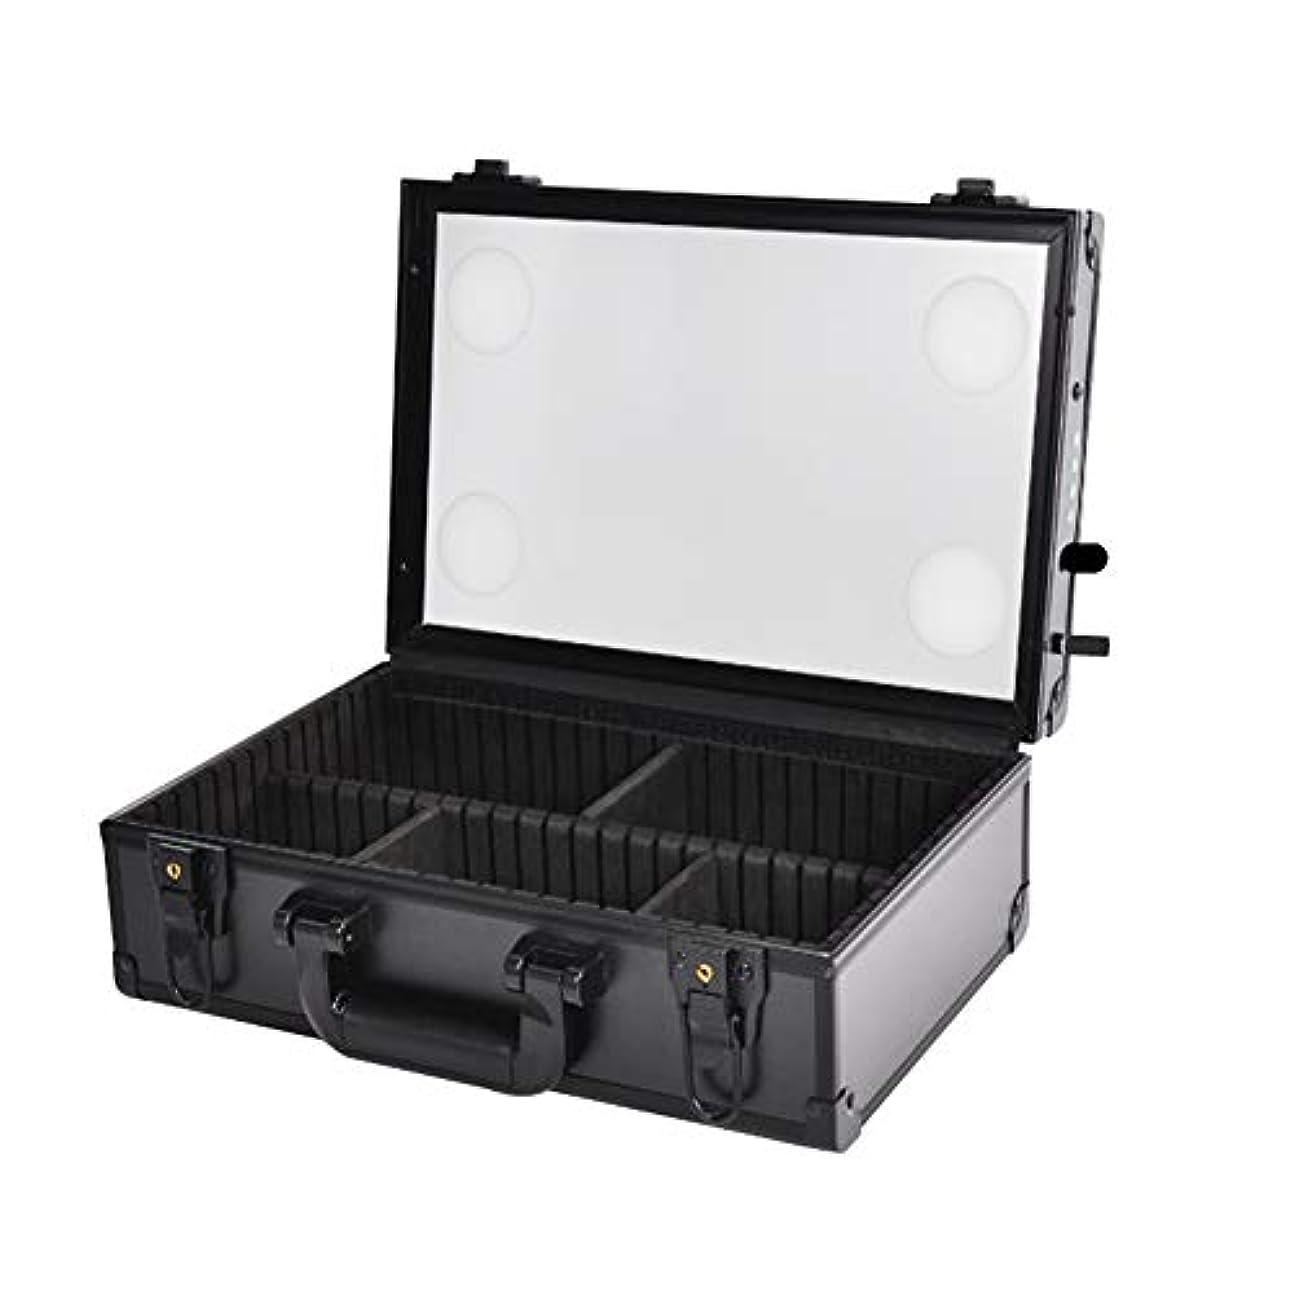 適性冗長ネブポータブル化粧品ケースメイクアップアーティストプロフェッショナル電車箱収納付きLEDライト調光ツールボックス100V?250Vでソケット